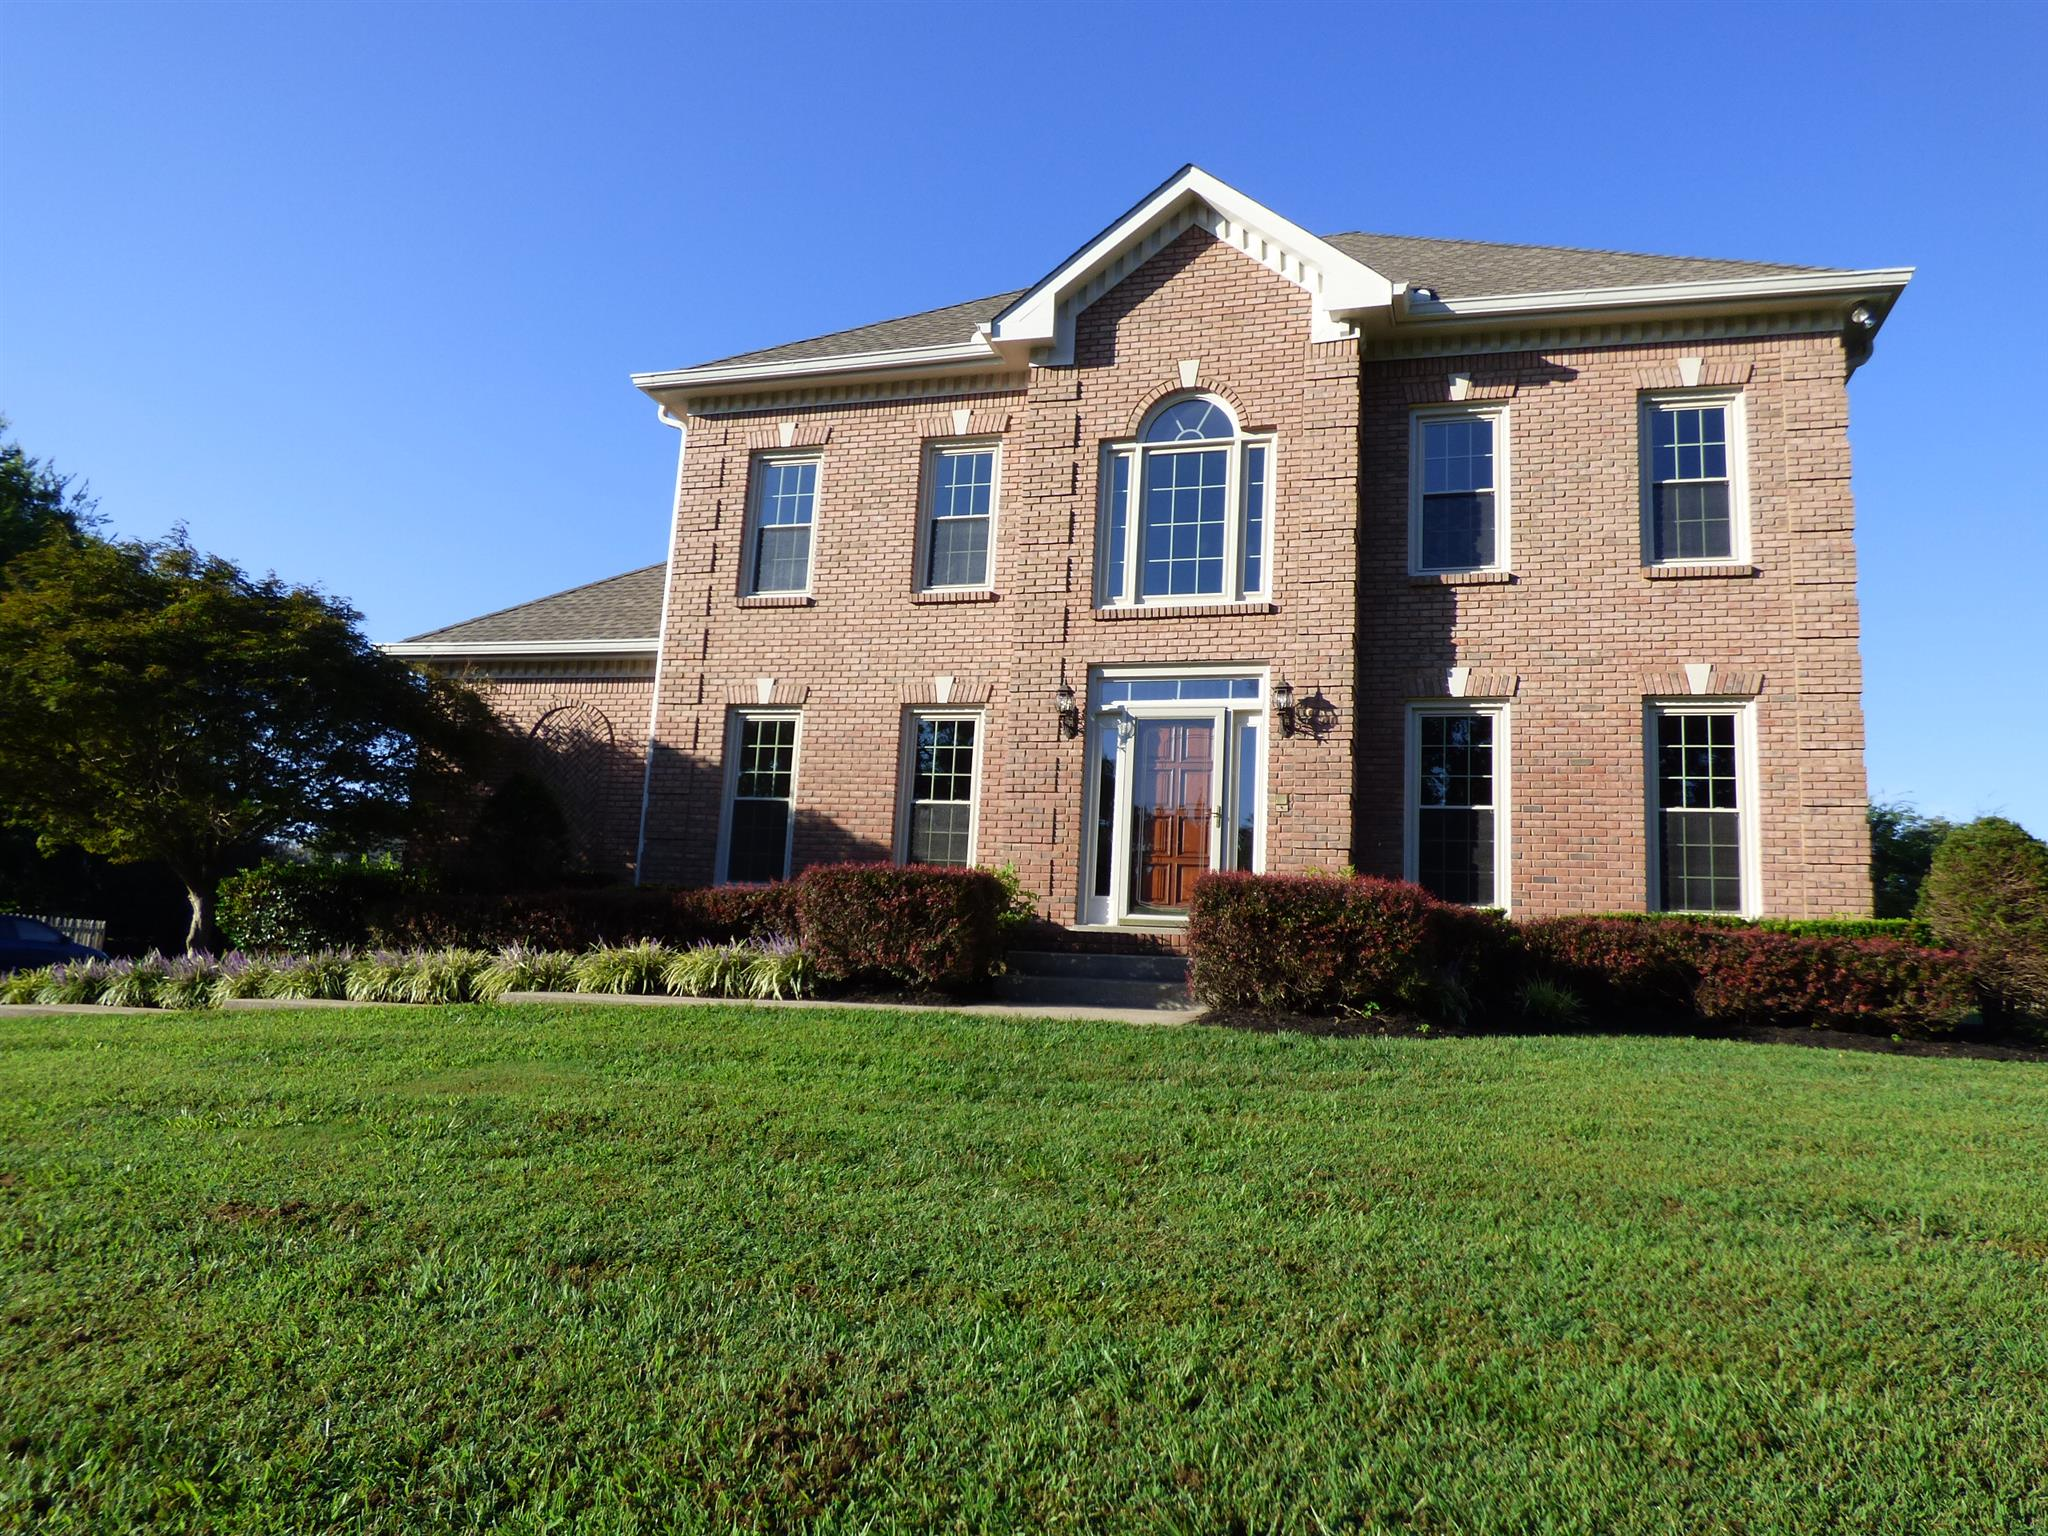 2578 Stone Briar Dr, Clarksville, TN 37043